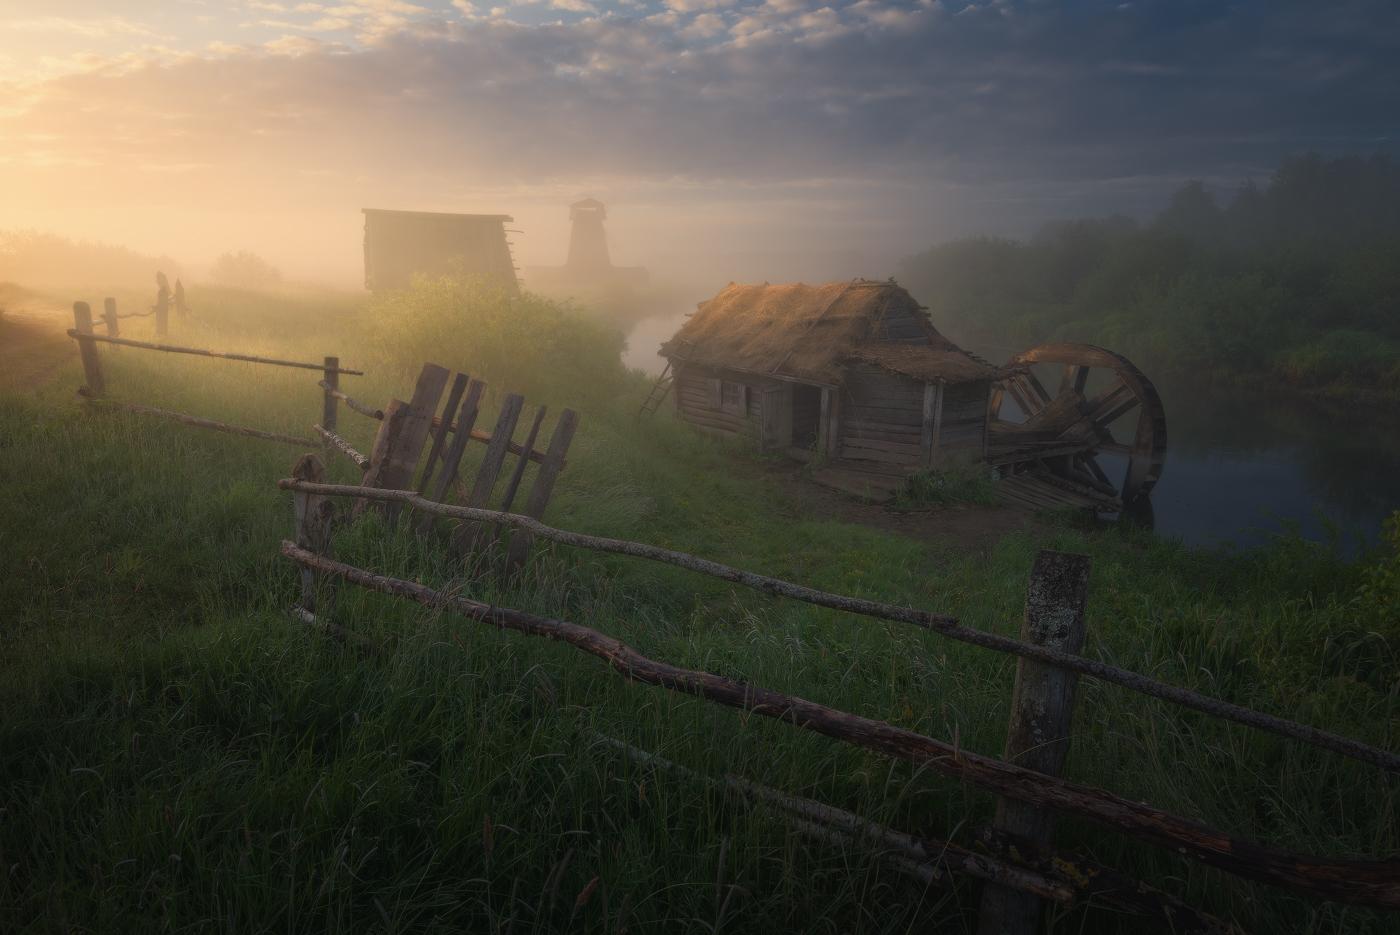 General 1400x935 Ilya Melikhov landscape mist clouds hut fence grass water tower river